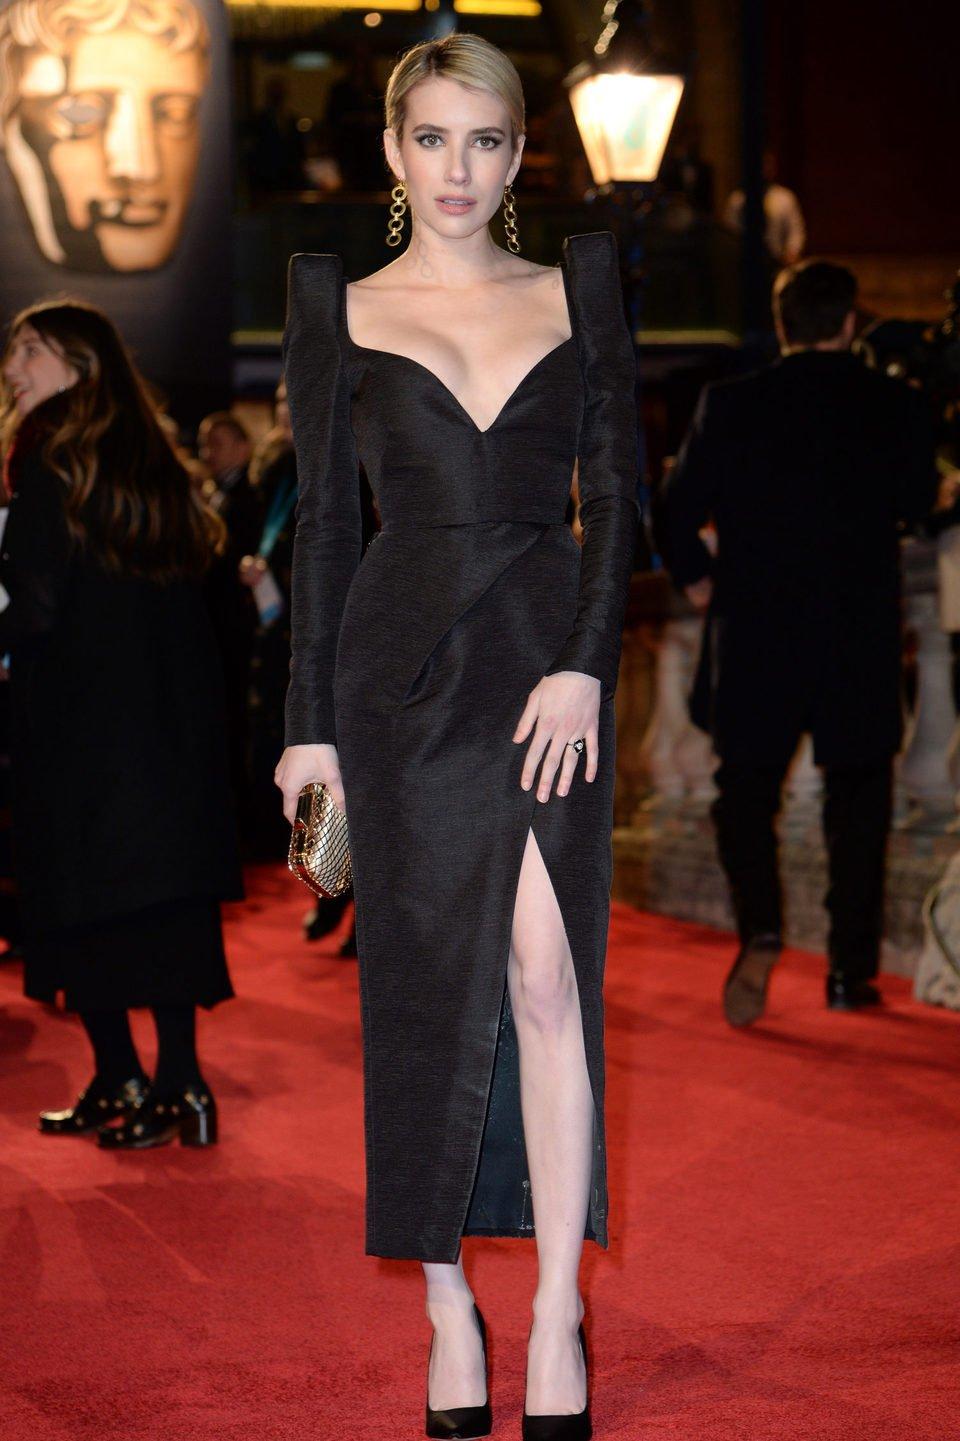 Emma Roberts at the BAFTA Awards' 2018 red carpet